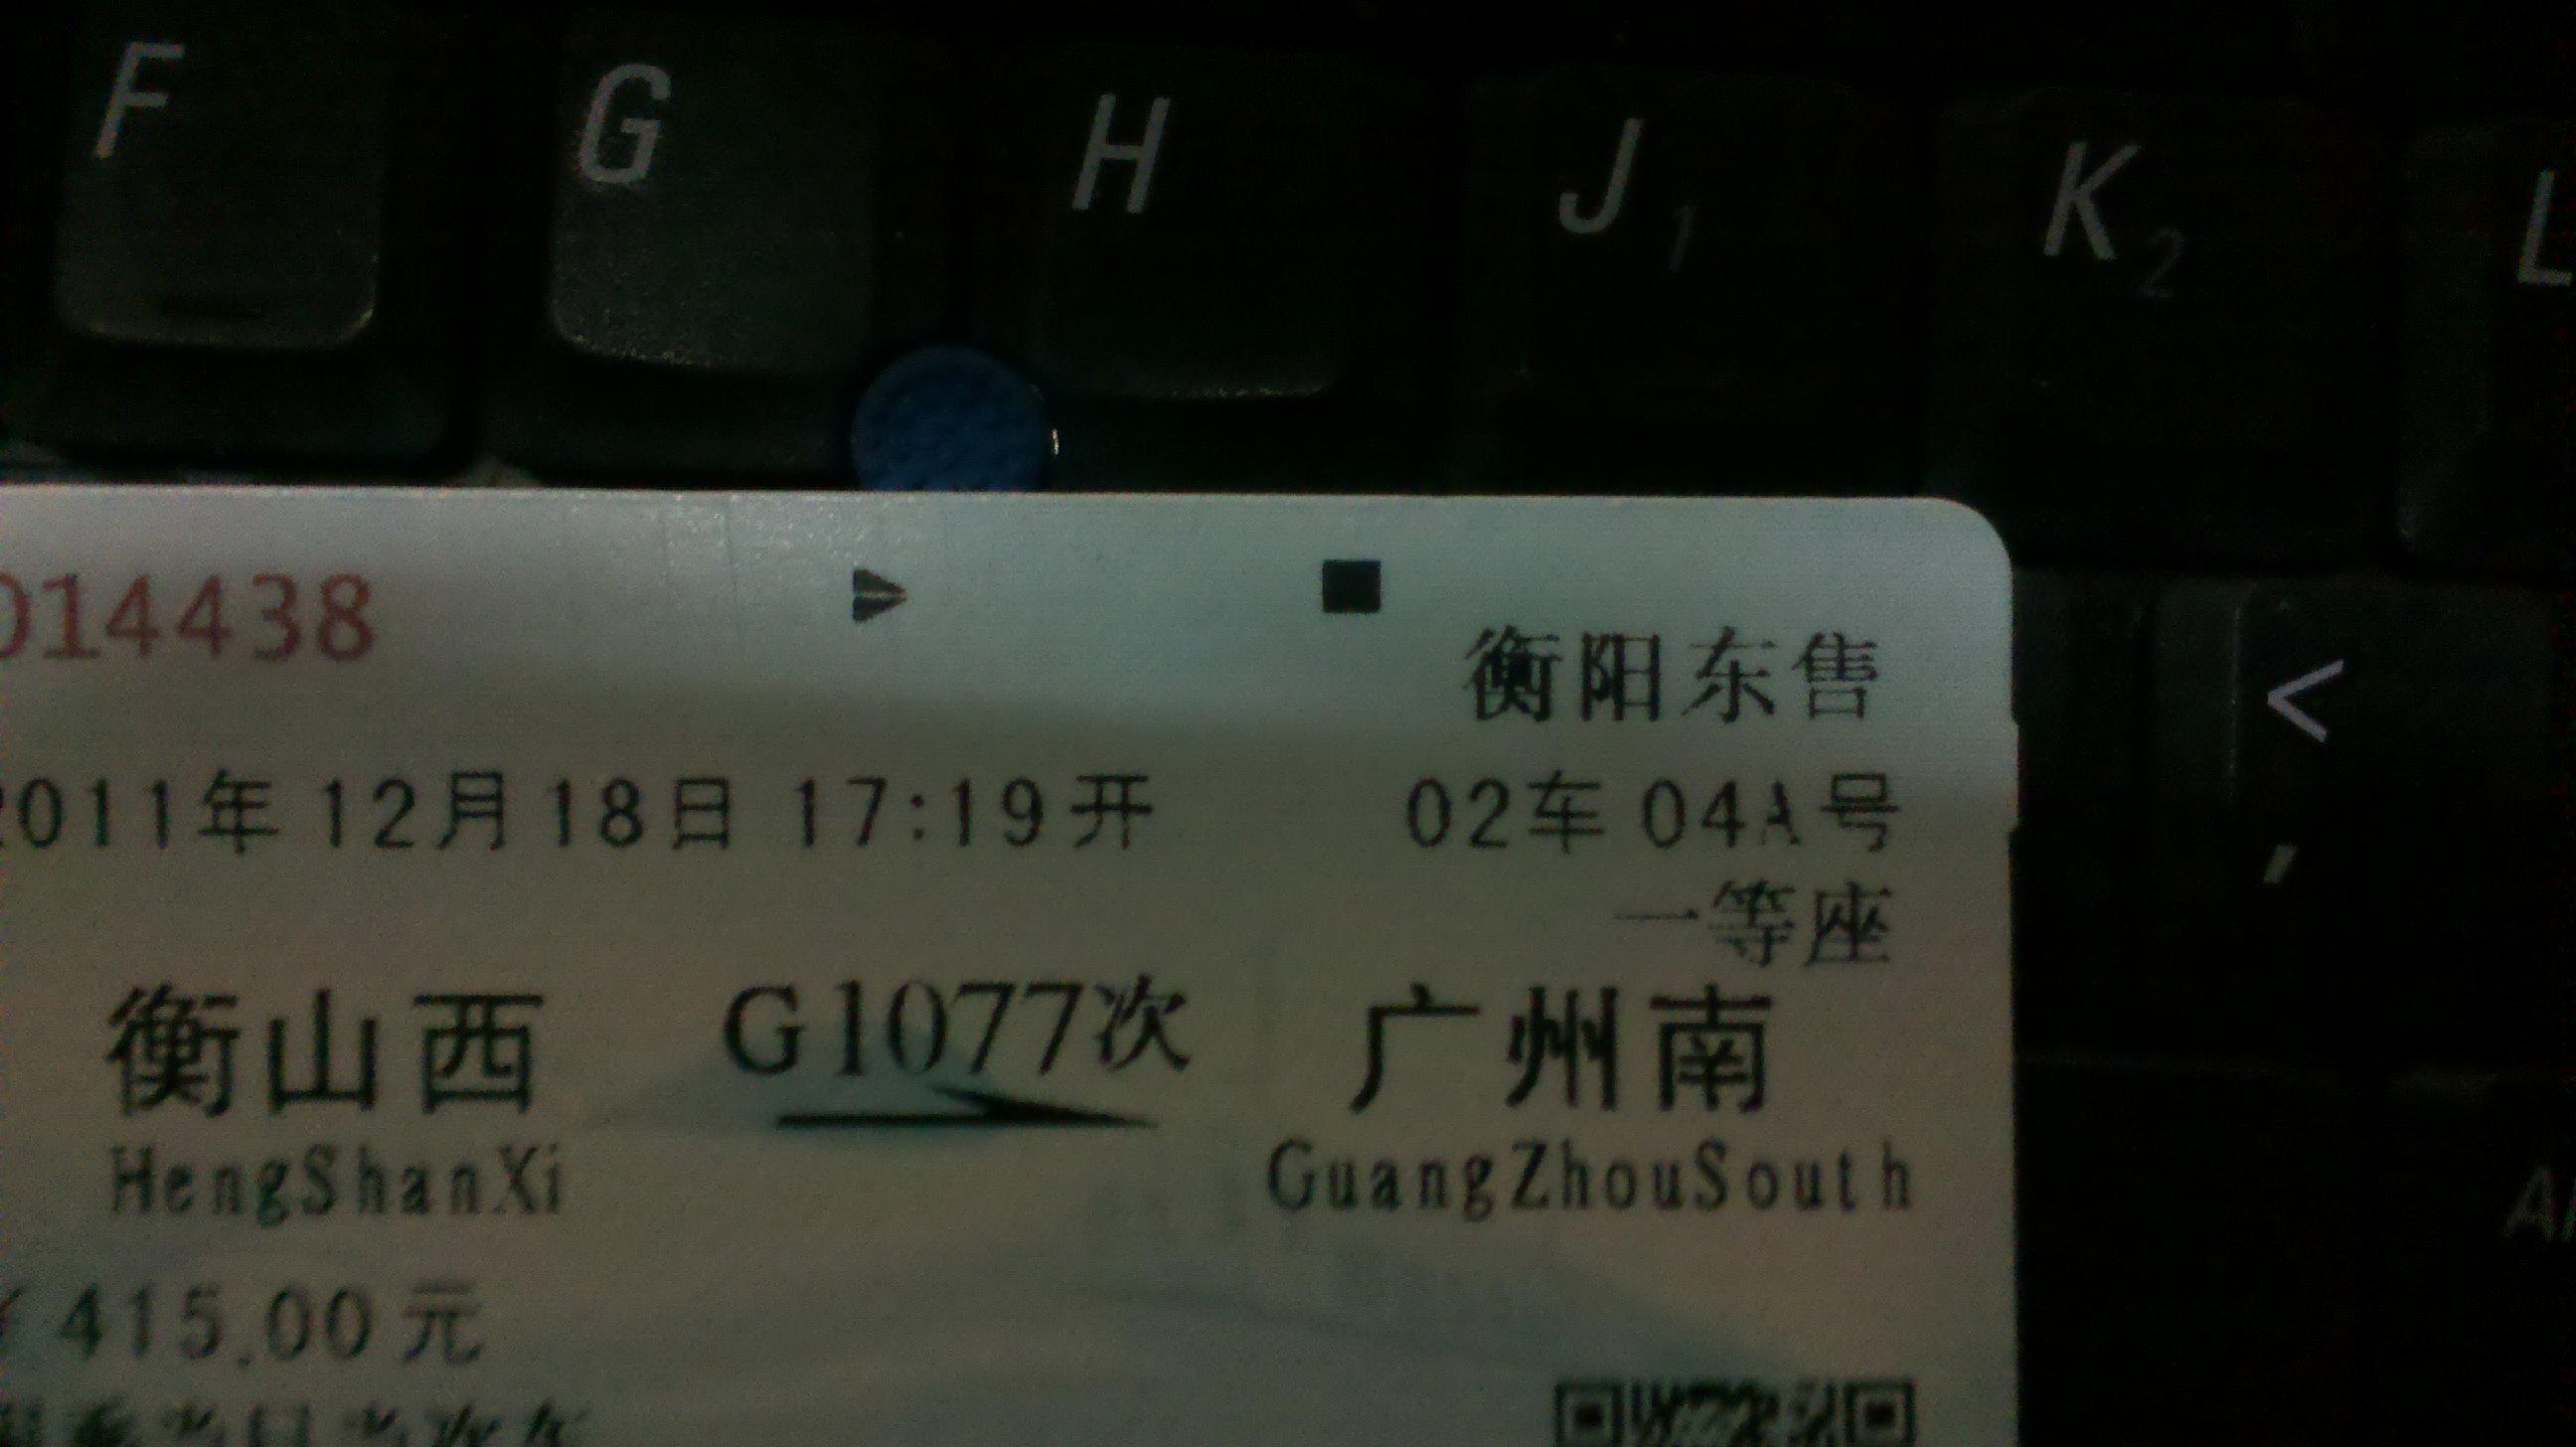 广州怎么去衡山